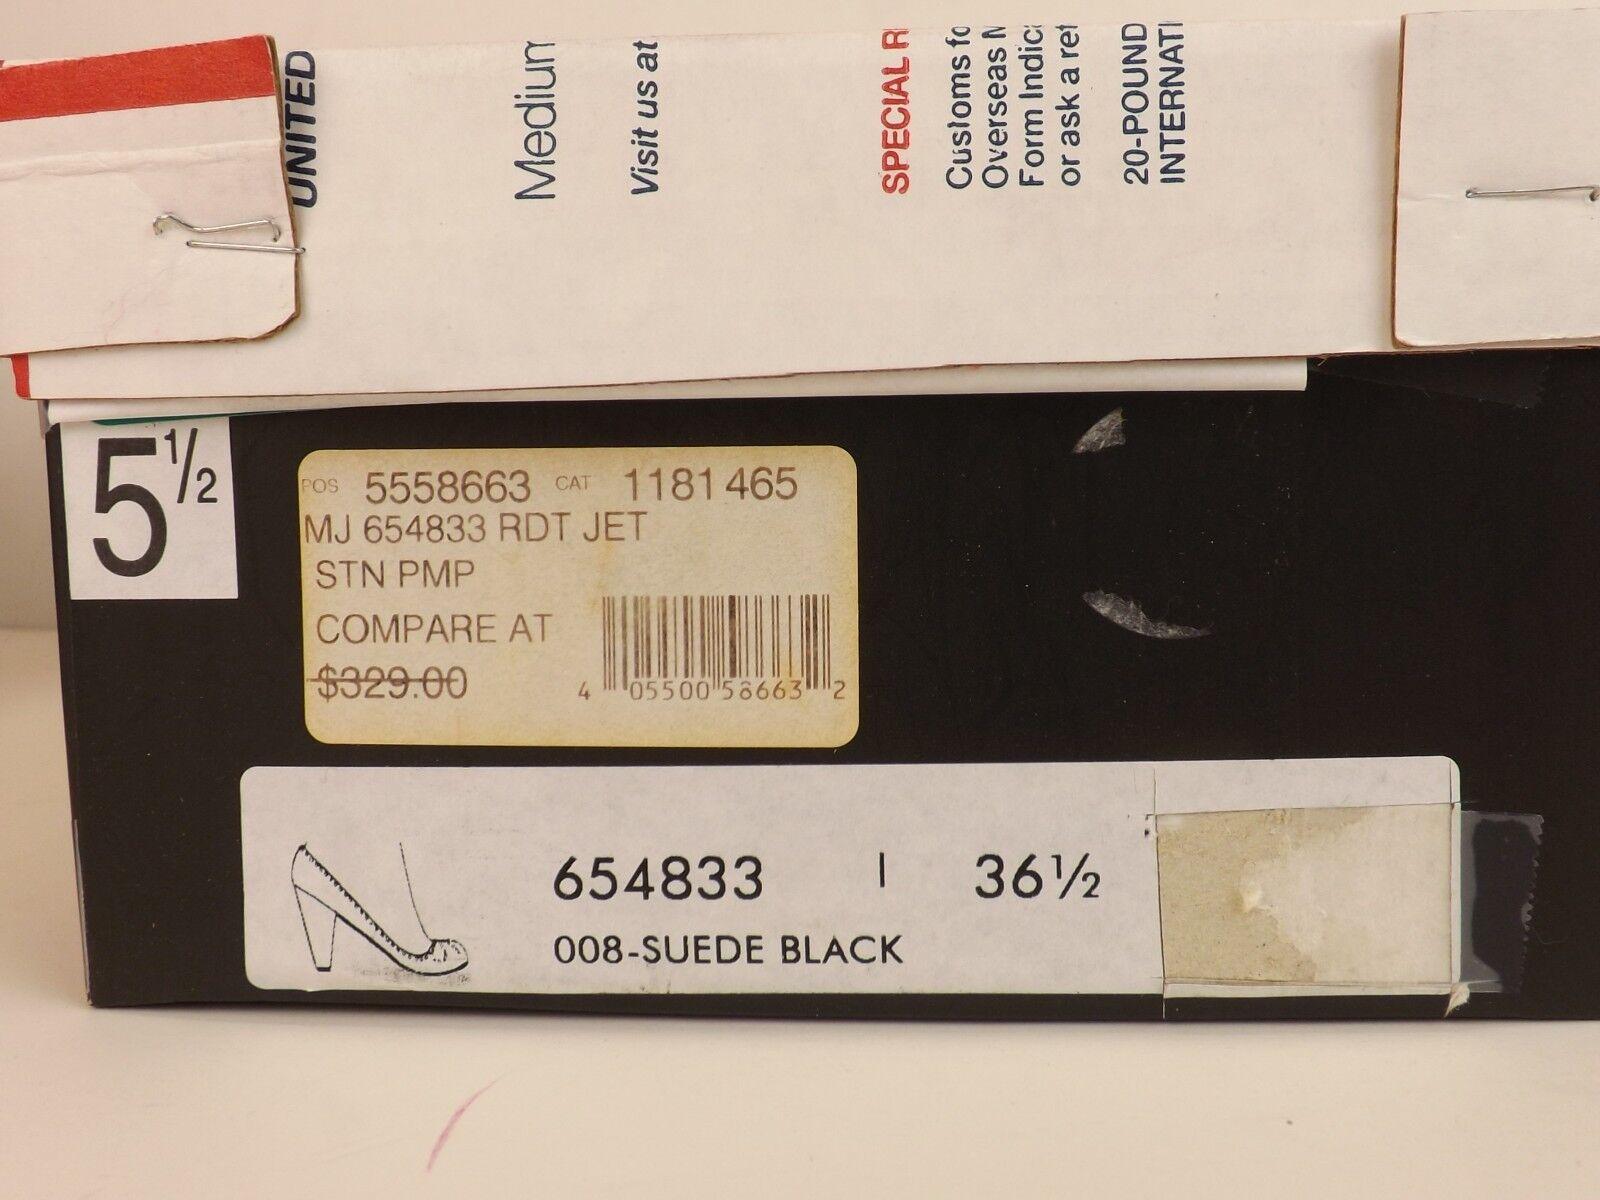 Nuevo Plata De Negra Gamuza Negra De Marc Jacobs Tachonado Clásico bombas 37 Italia 14eb6c